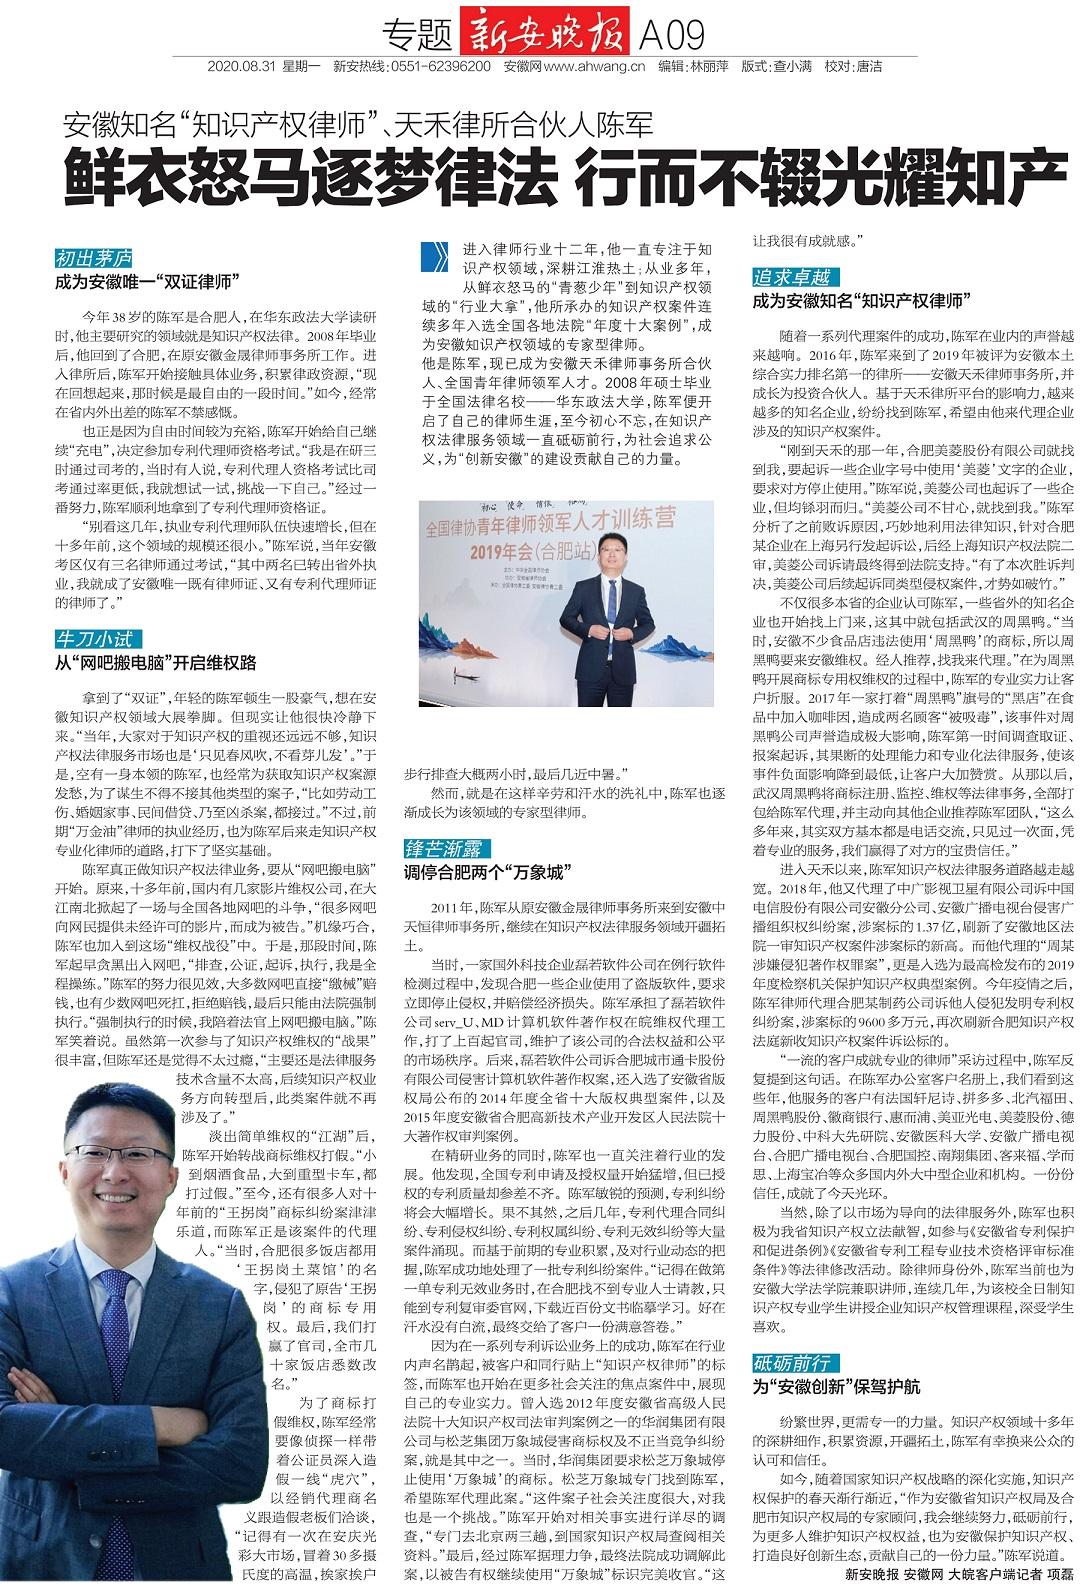 新安晚报整版报道陈军知识产权律师团队